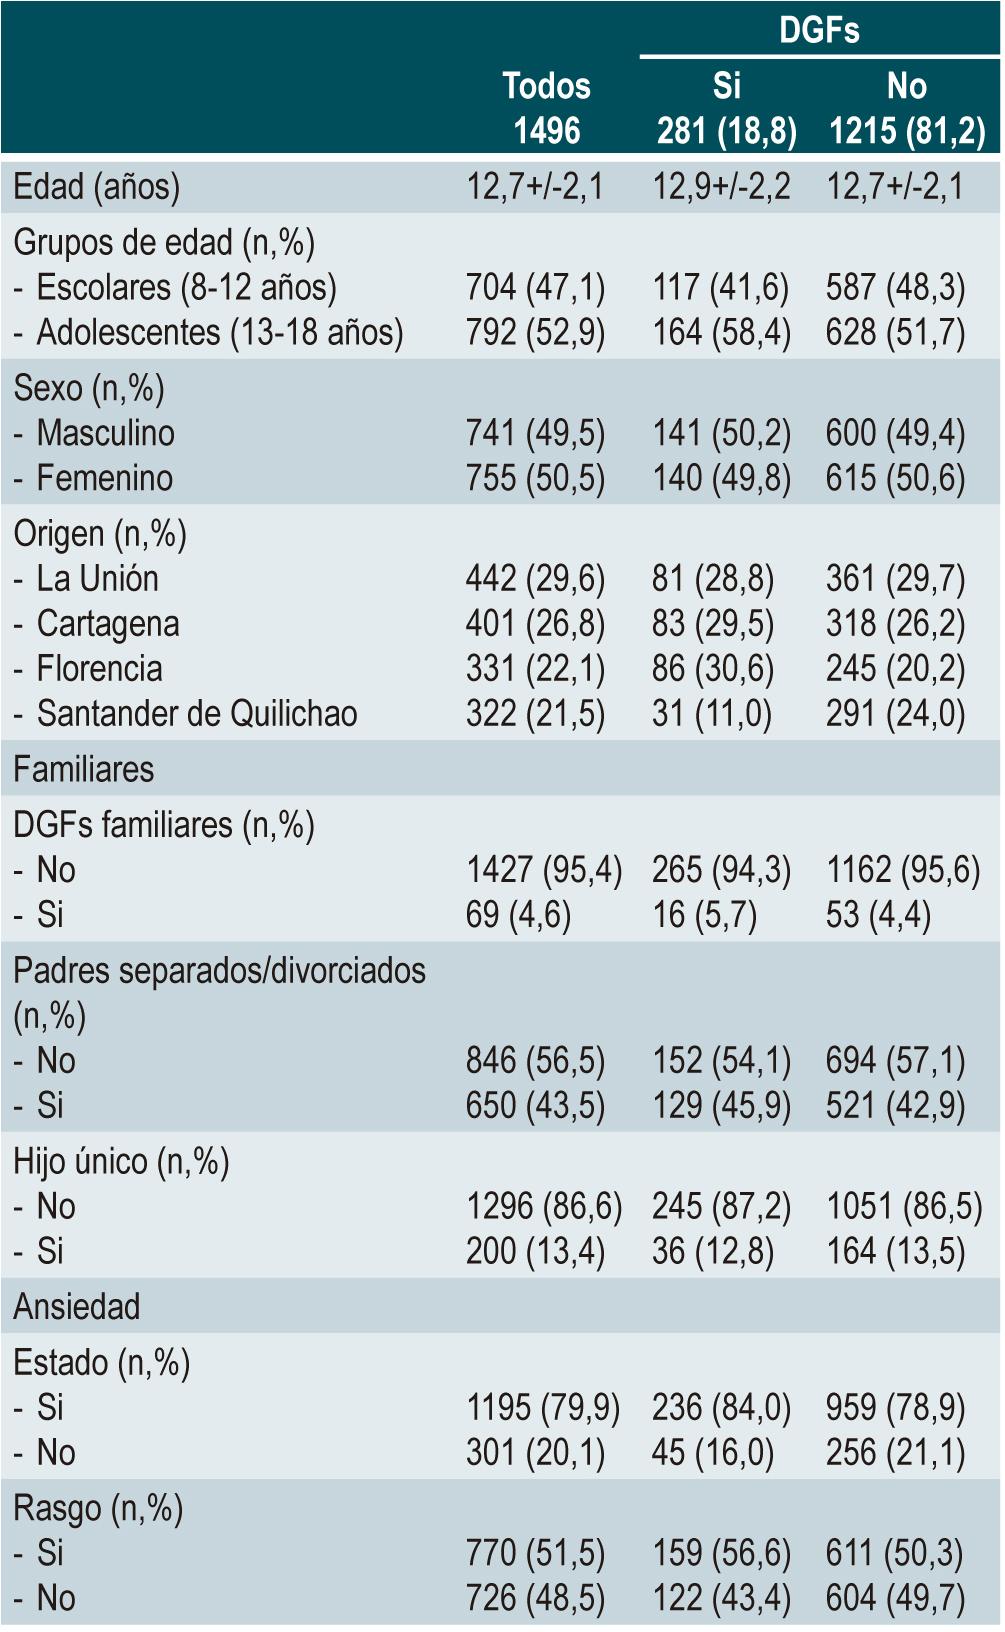 Tabla 1. Características generales de niños colombianos con DGF (n = 1496)